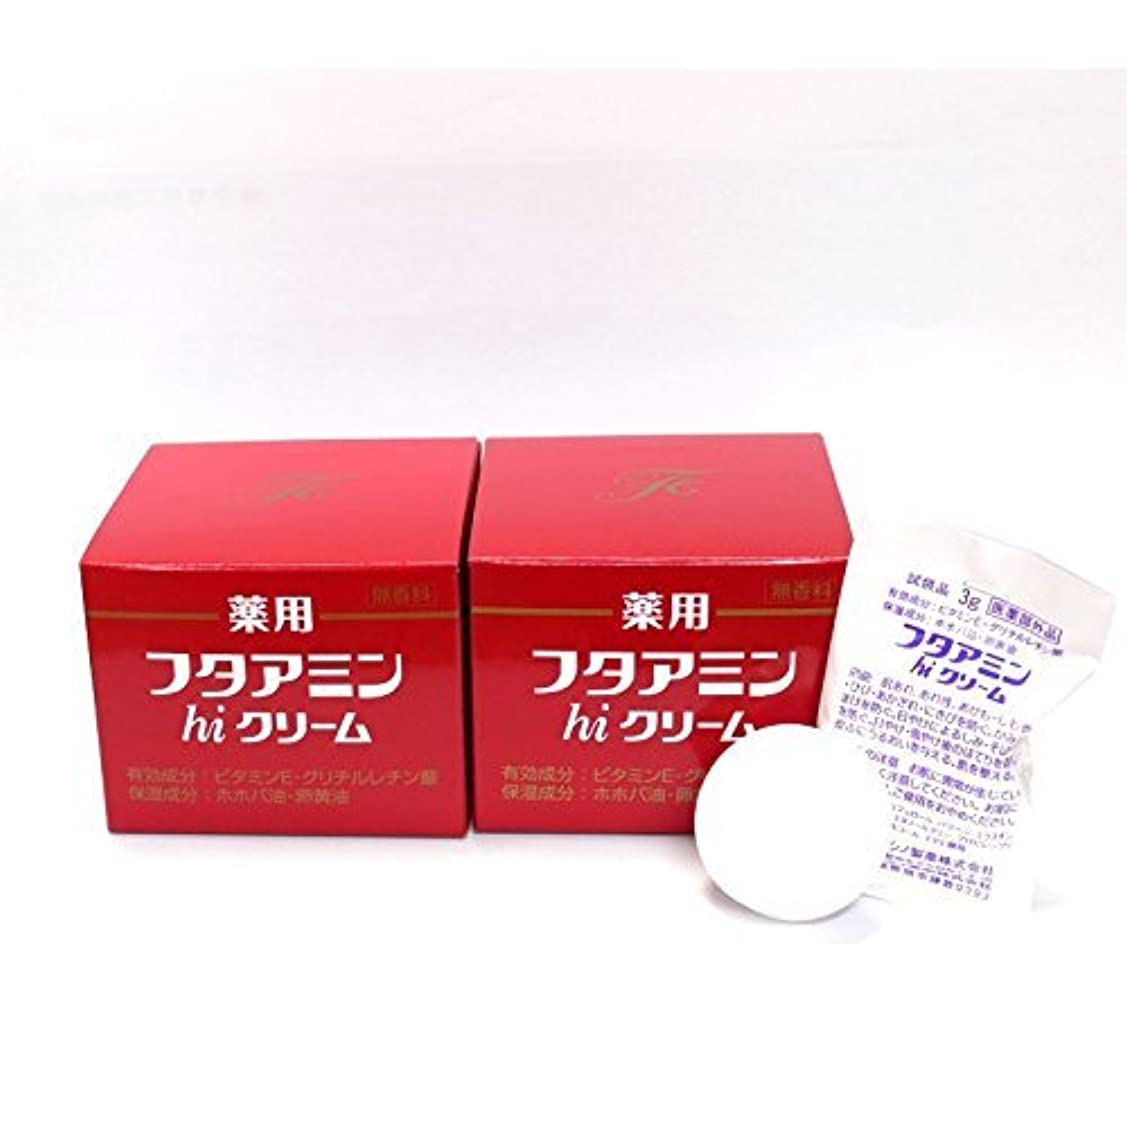 ベッドを作る水を飲む空中フタアミンhiクリーム 130g 2個セット  3gサンプル2個付